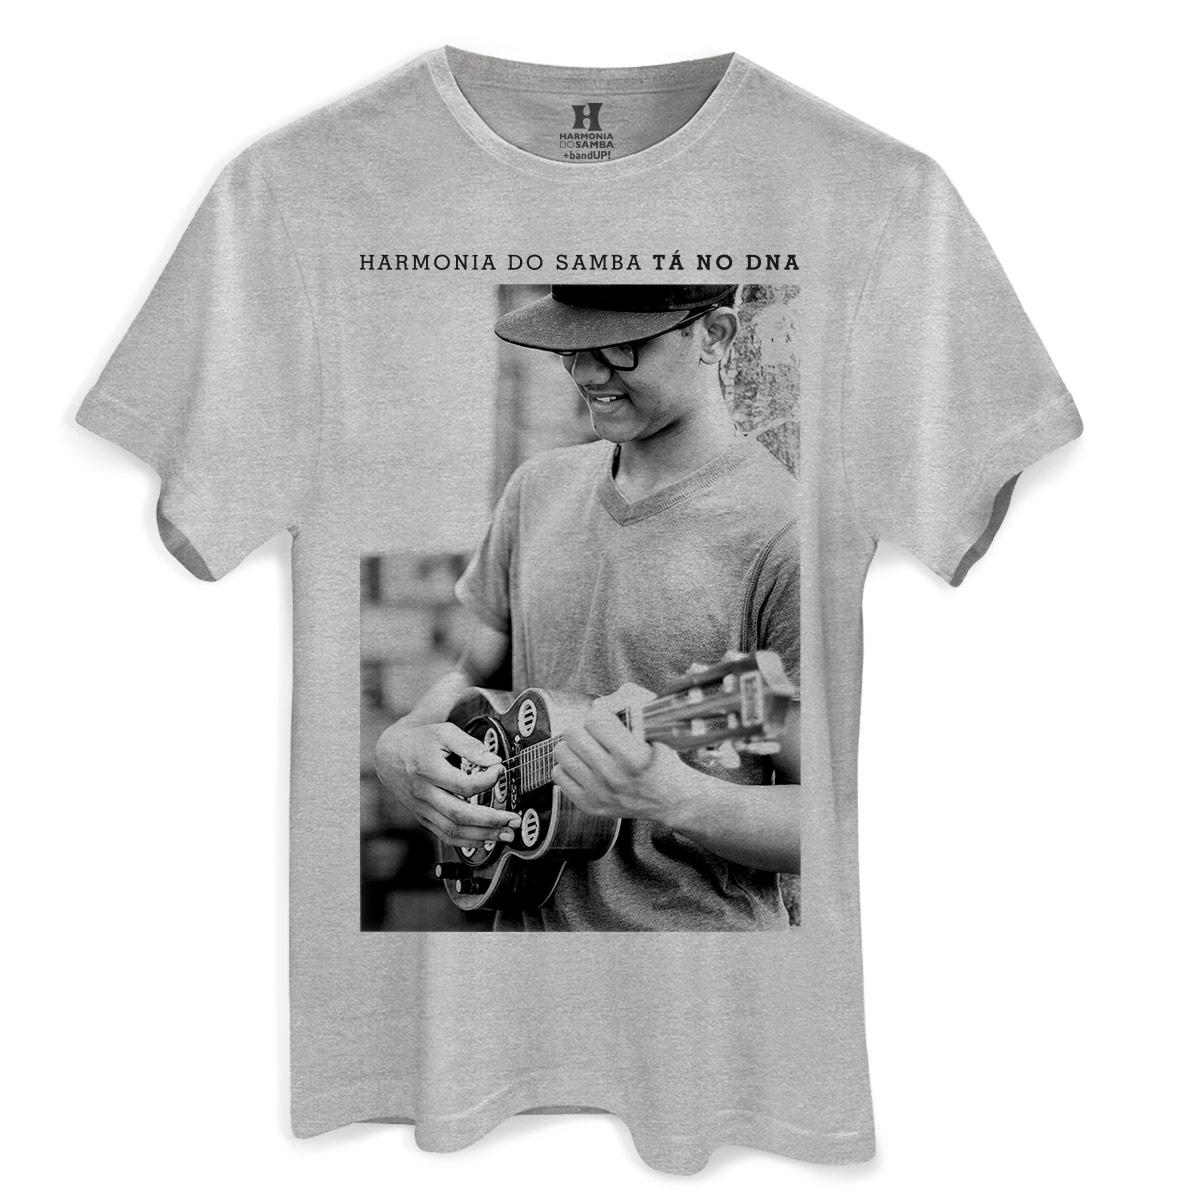 Camiseta Masculina Harmonia do Samba Molejinho  - bandUP Store Marketplace